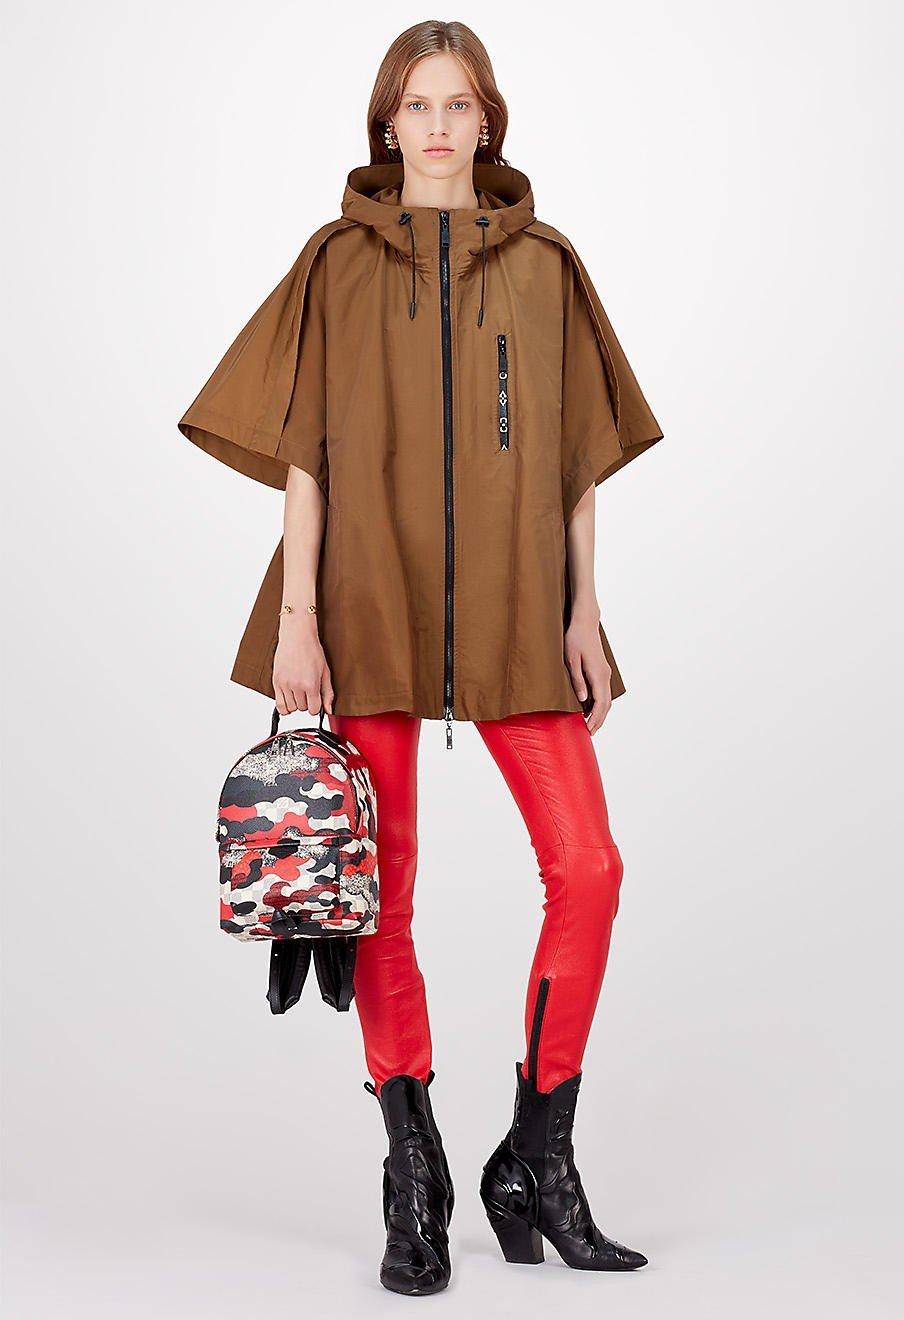 модные образы весна 2019: коричневое свободное пальто и красны брюки